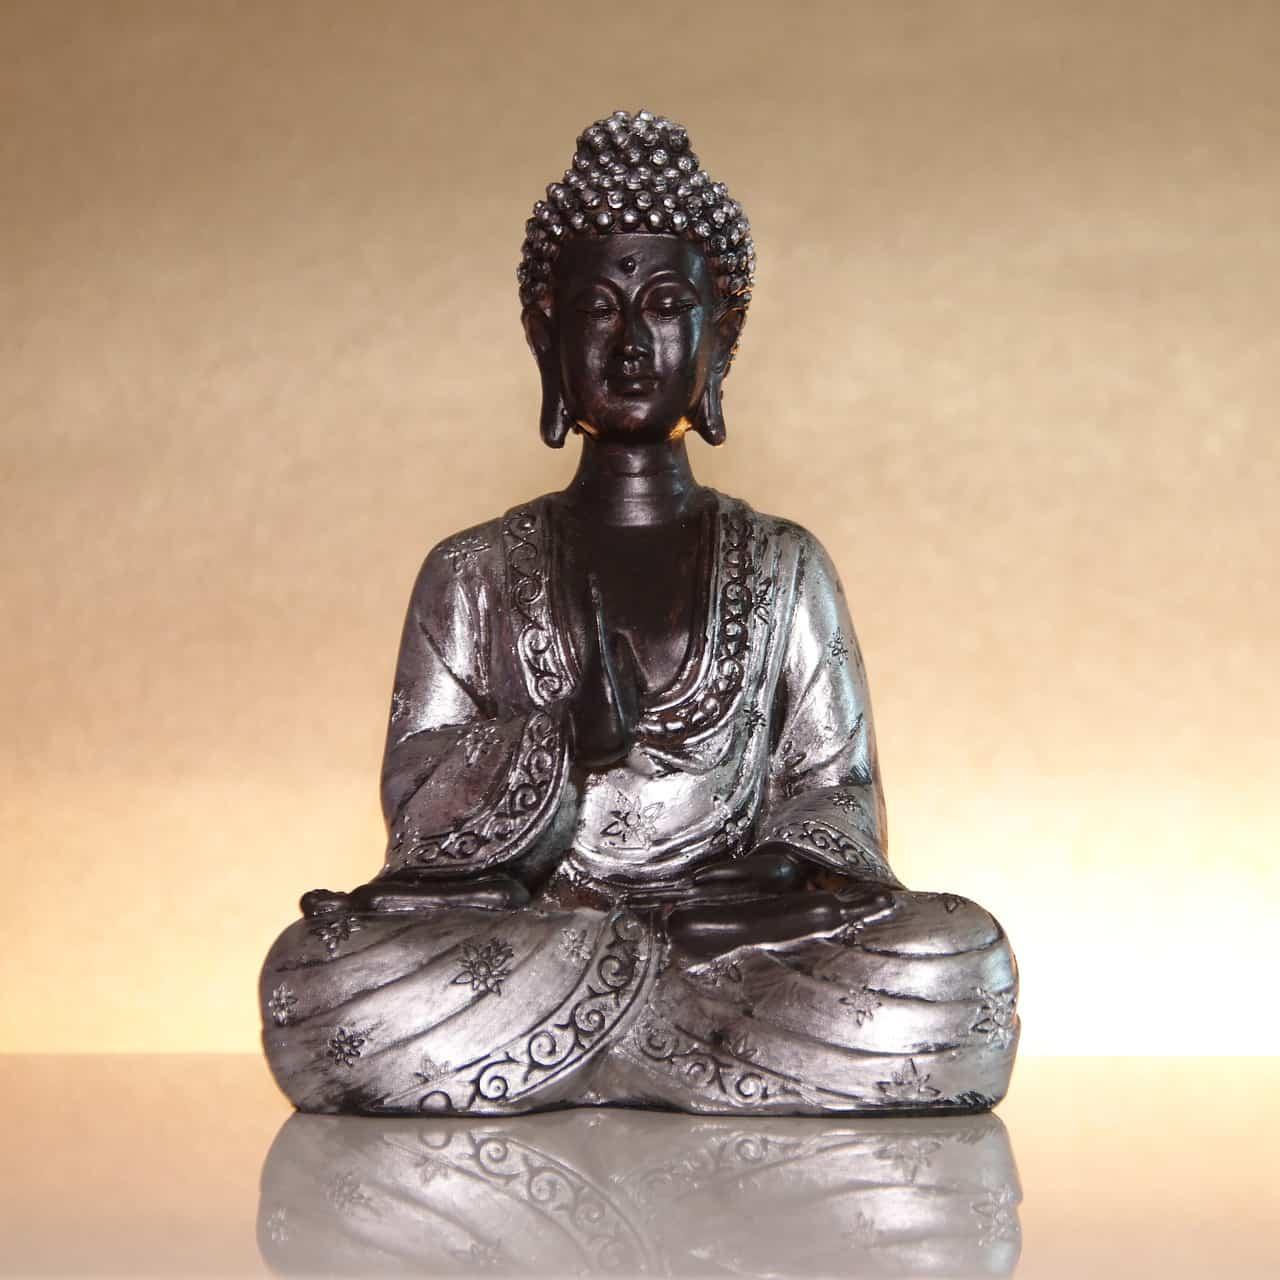 Silberne Buddha-Statue im Lotossitz sitzt auf einer spiegelten Oberfläche und goldener Rückwand.